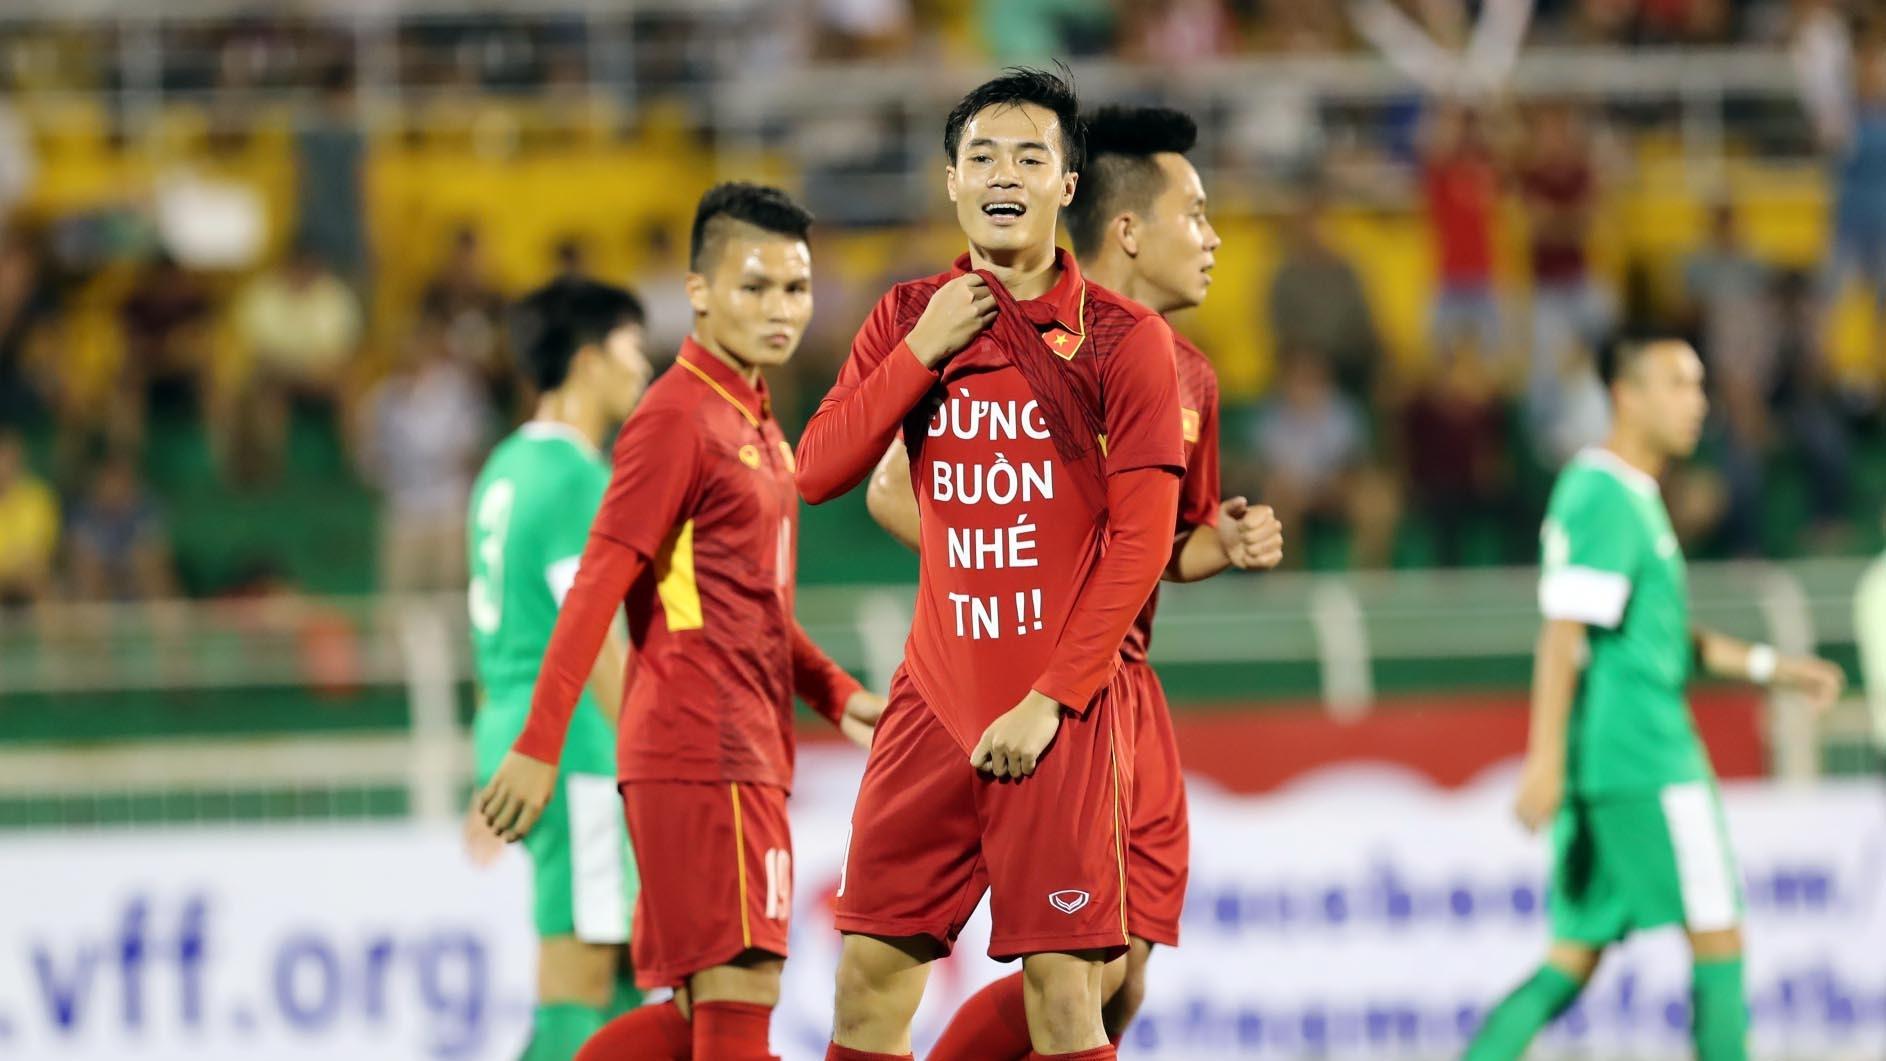 U22 Việt Nam vs U22 Macau